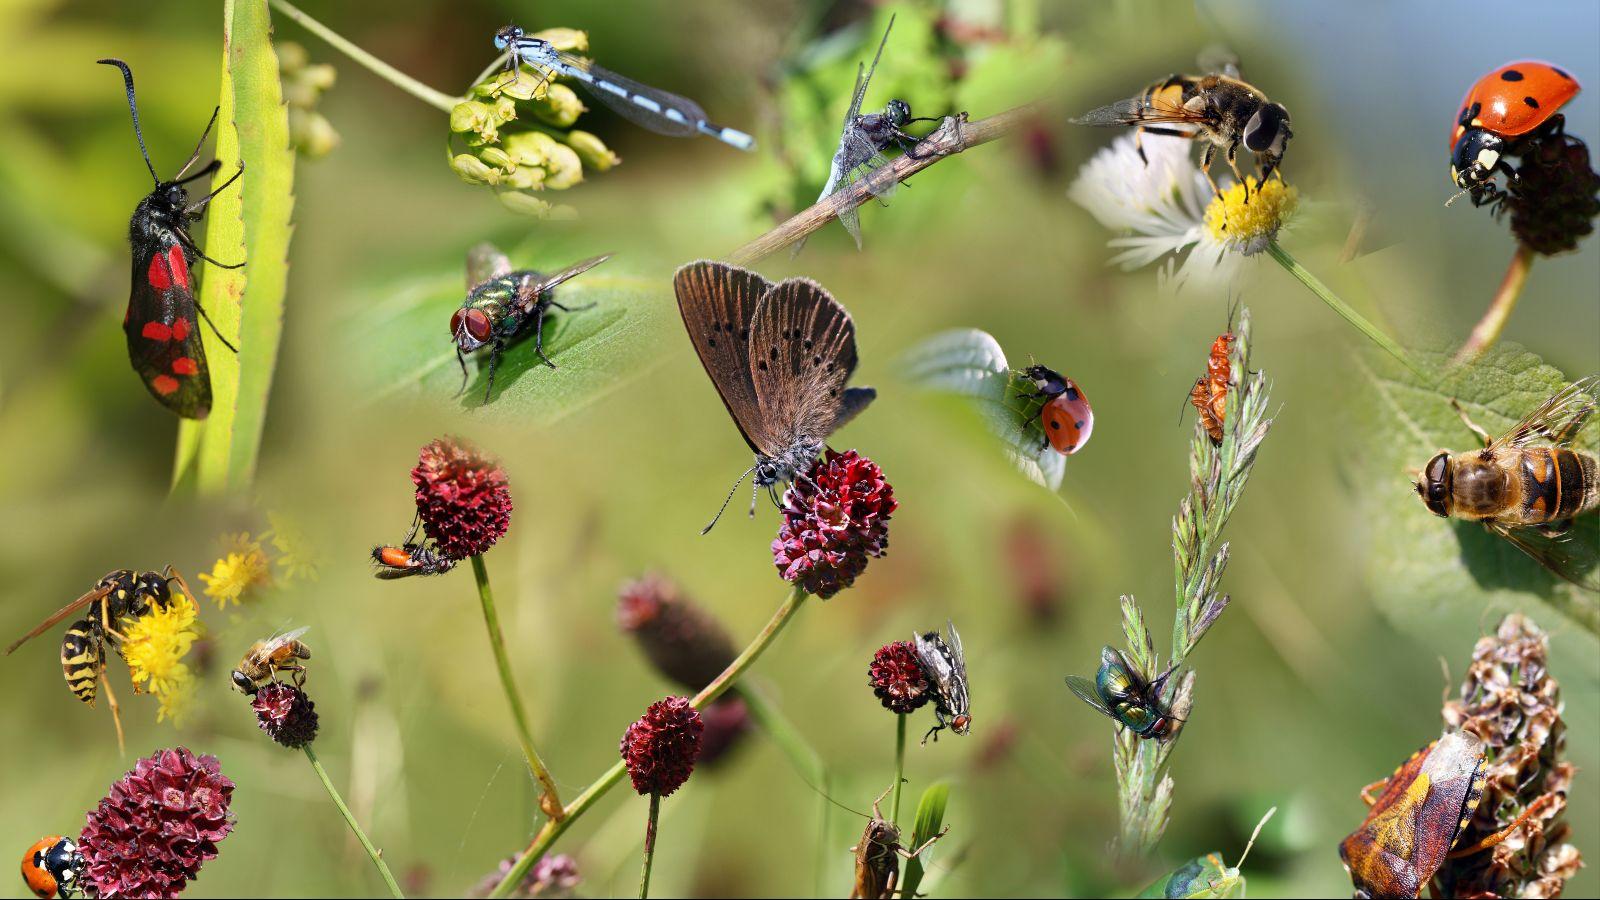 Eine Vielzahl an Insekten, zum Beipiel Marienkäfer und Schmetterlinge, sitzen auf einer Reihe an Blüten und Blättern vor einem grünen Hintergrund.